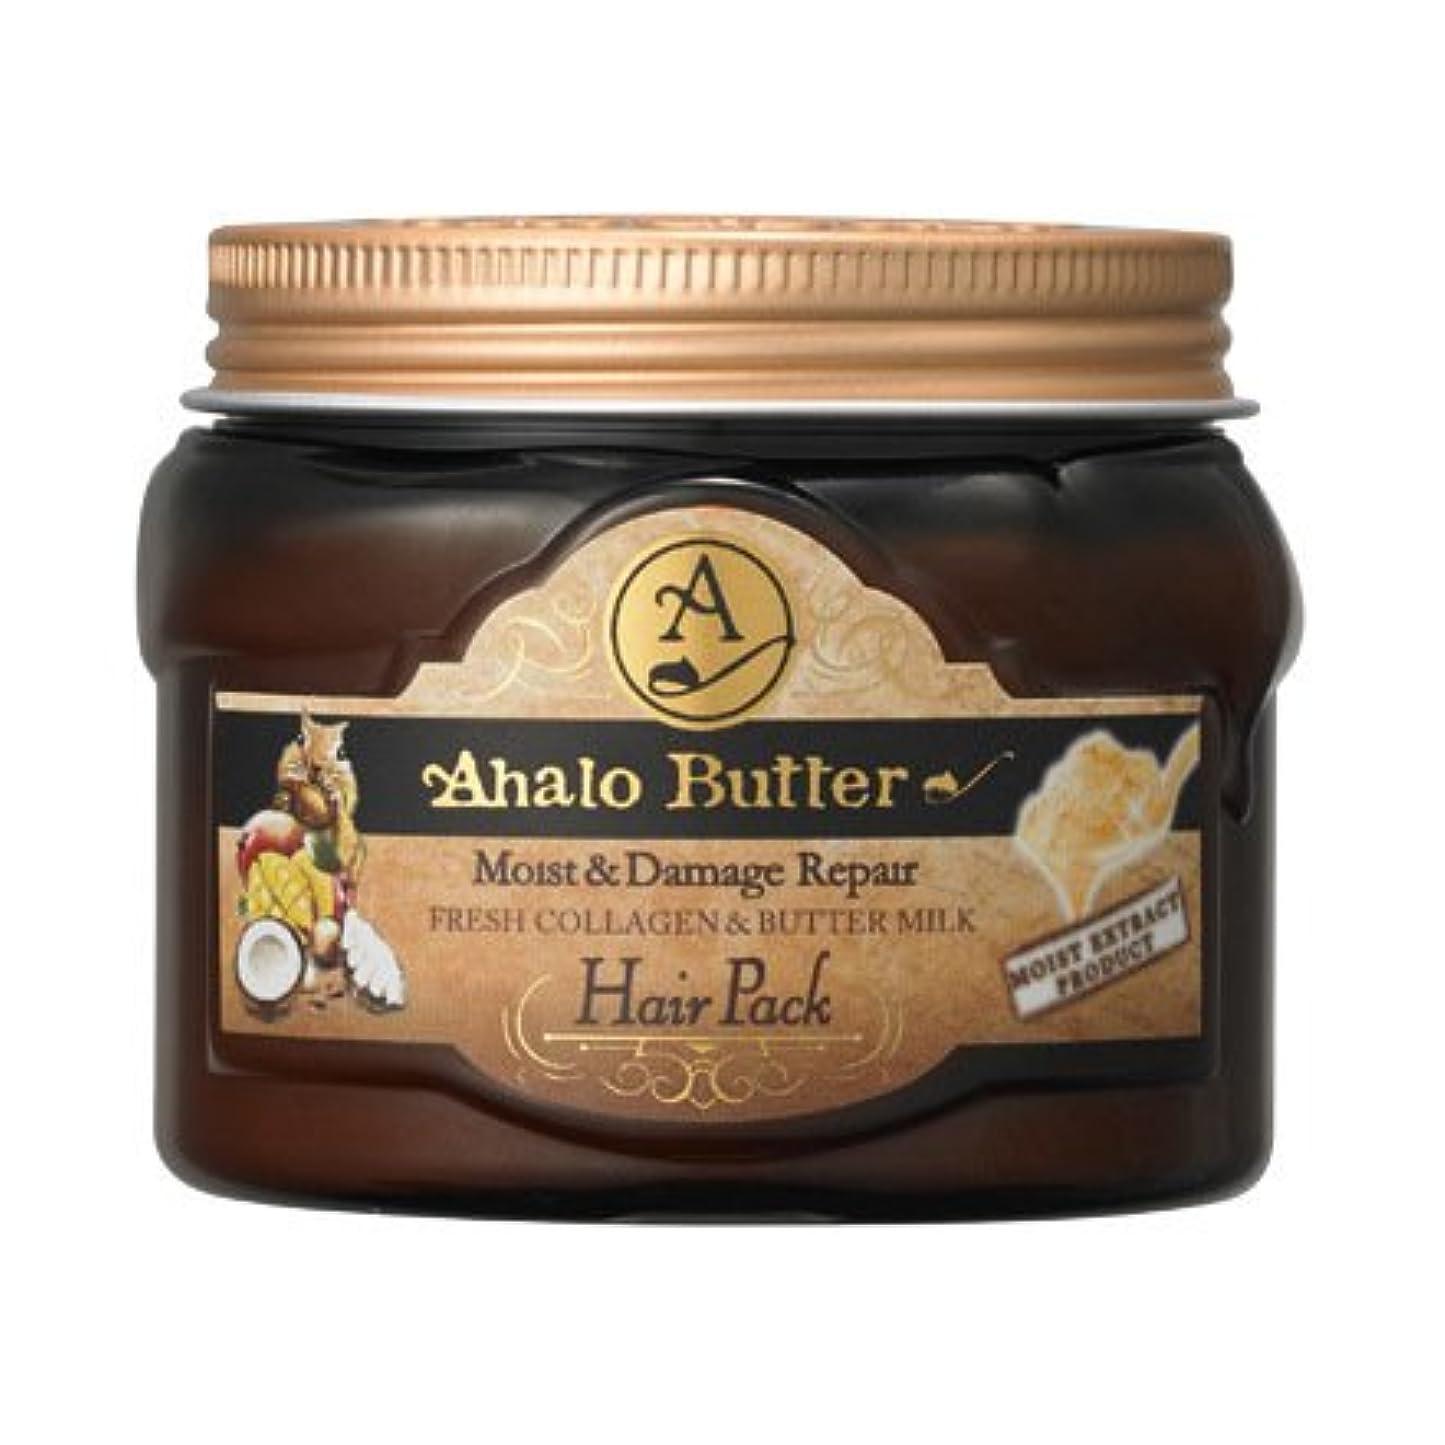 効果的に吹雪非常に怒っていますAhalo butter(アハロバター) リッチモイスト 集中ヘアパック 150g